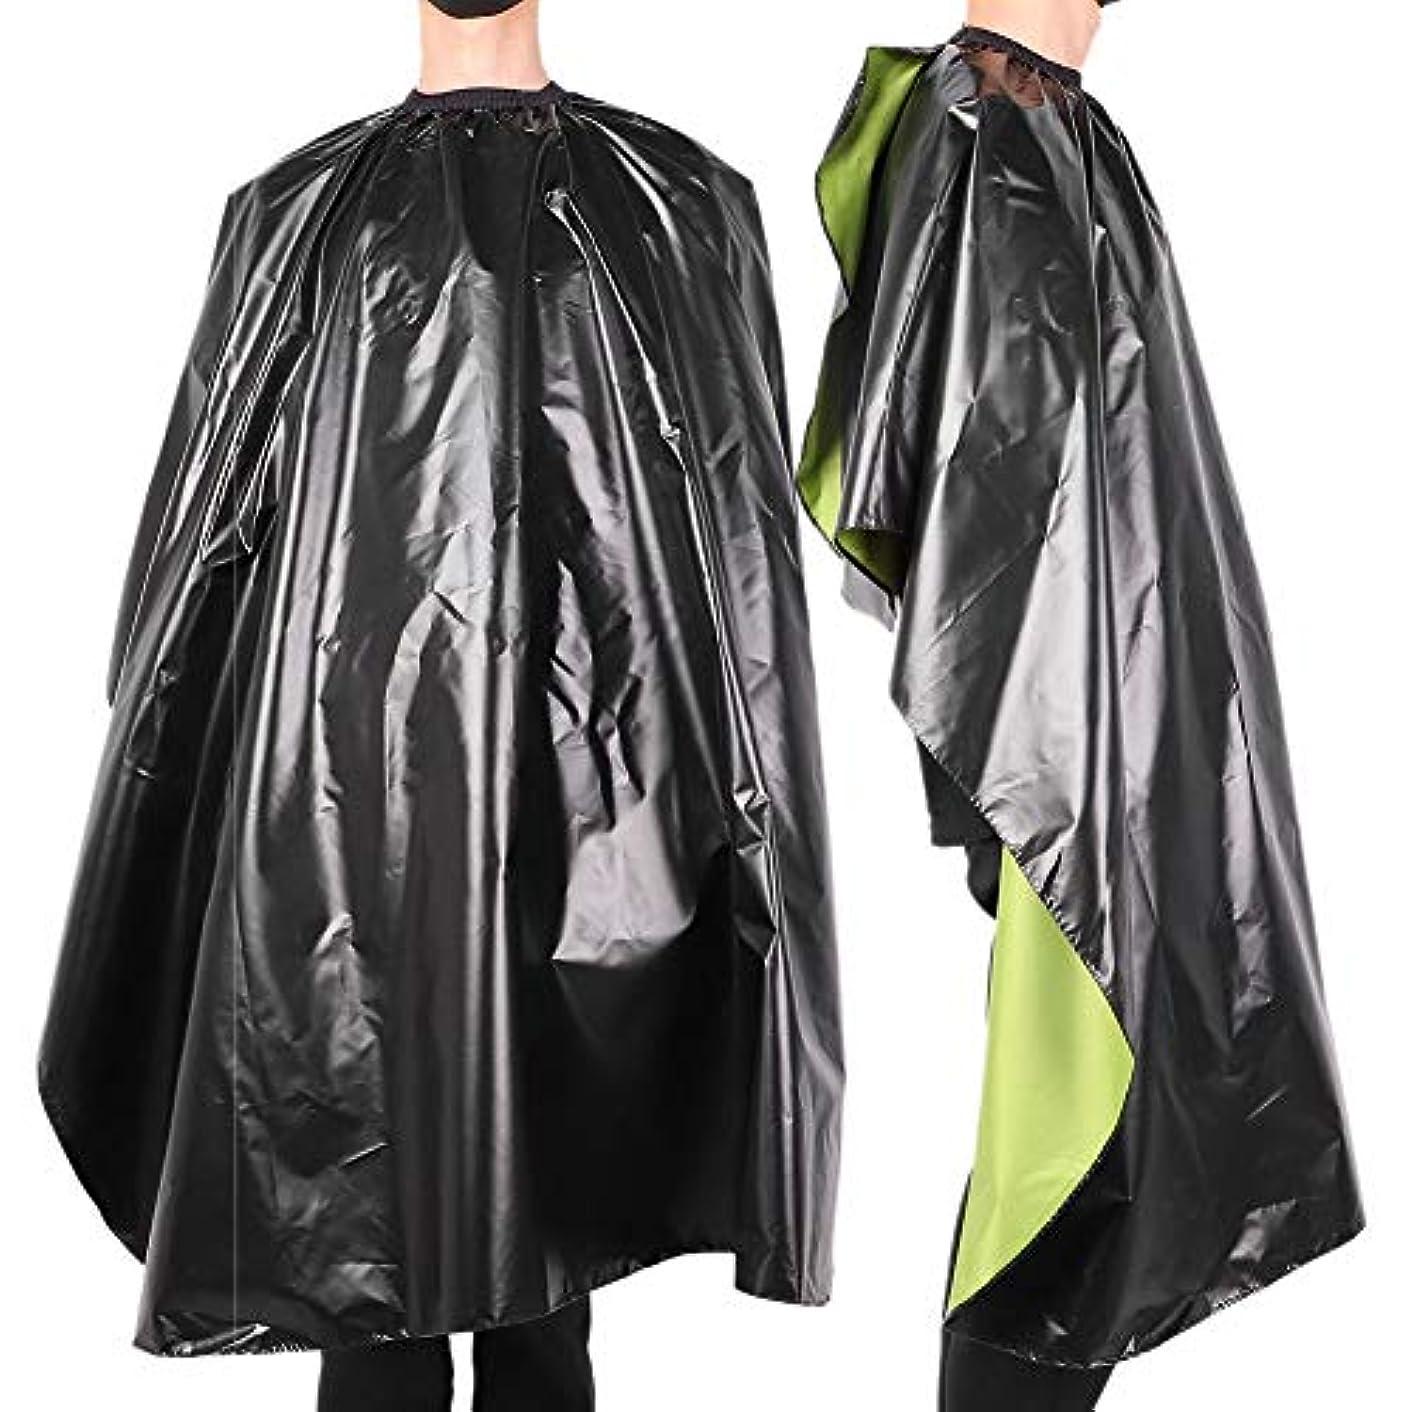 タイプ放置関係ない防水 調整可能 サロン 散髪 ヘアスタイリングケープ-ガ ウン大人の理髪理髪師 ラップエプロン